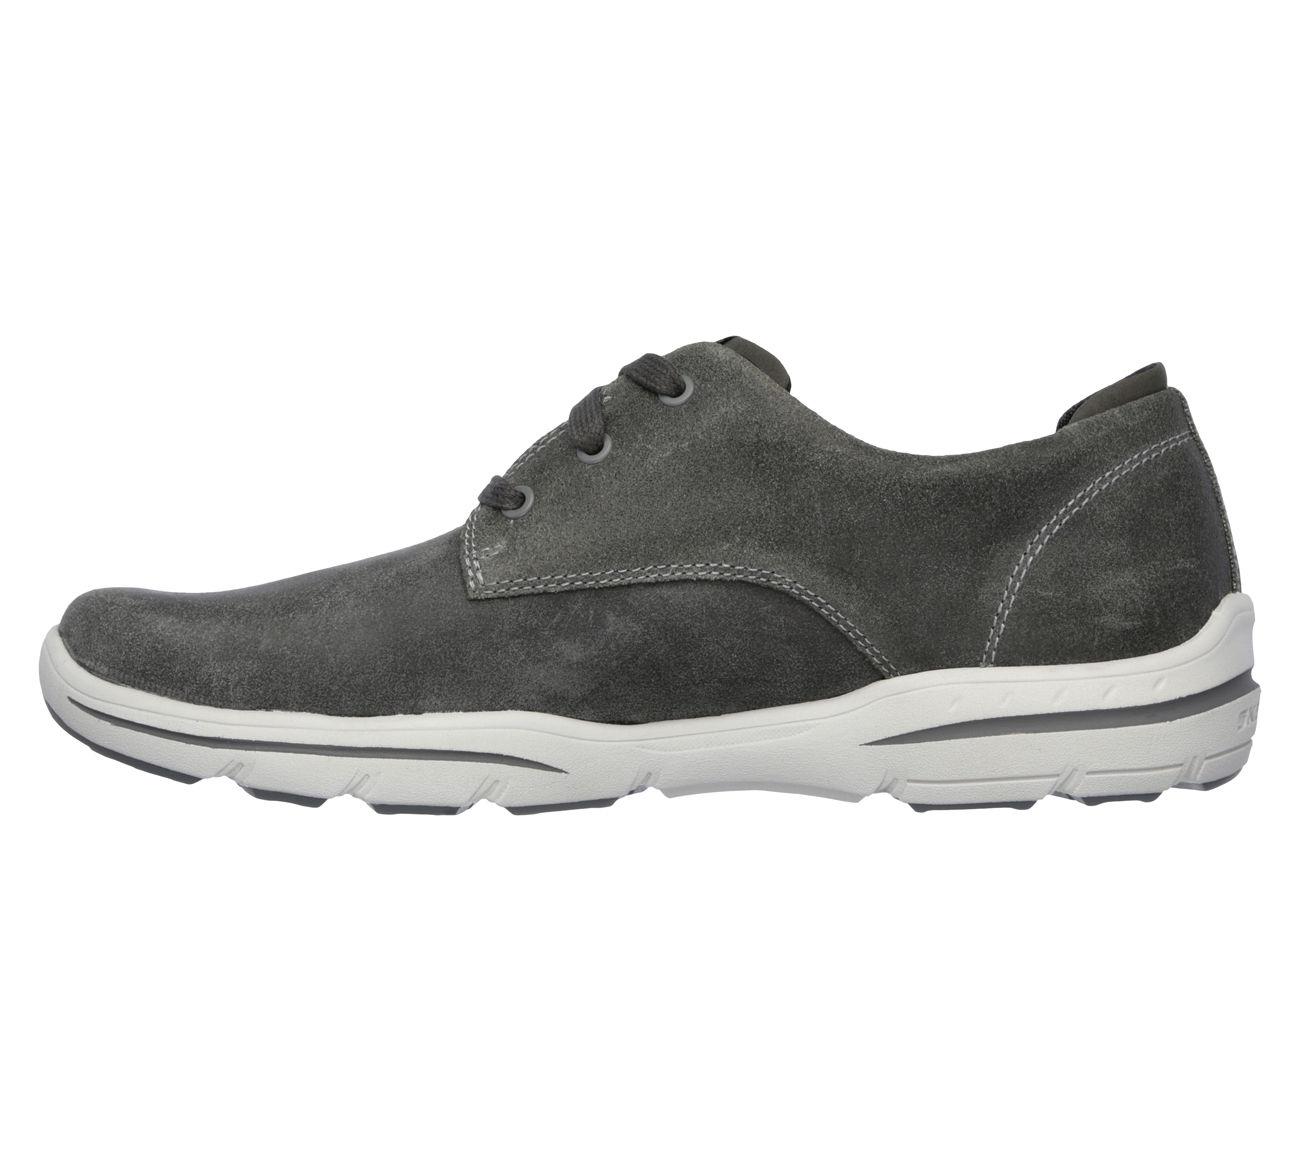 dc9ba9175d3f Skechers Men s Harper-Epstein Gray 64856 GRY Relaxed Fit Memory Foam